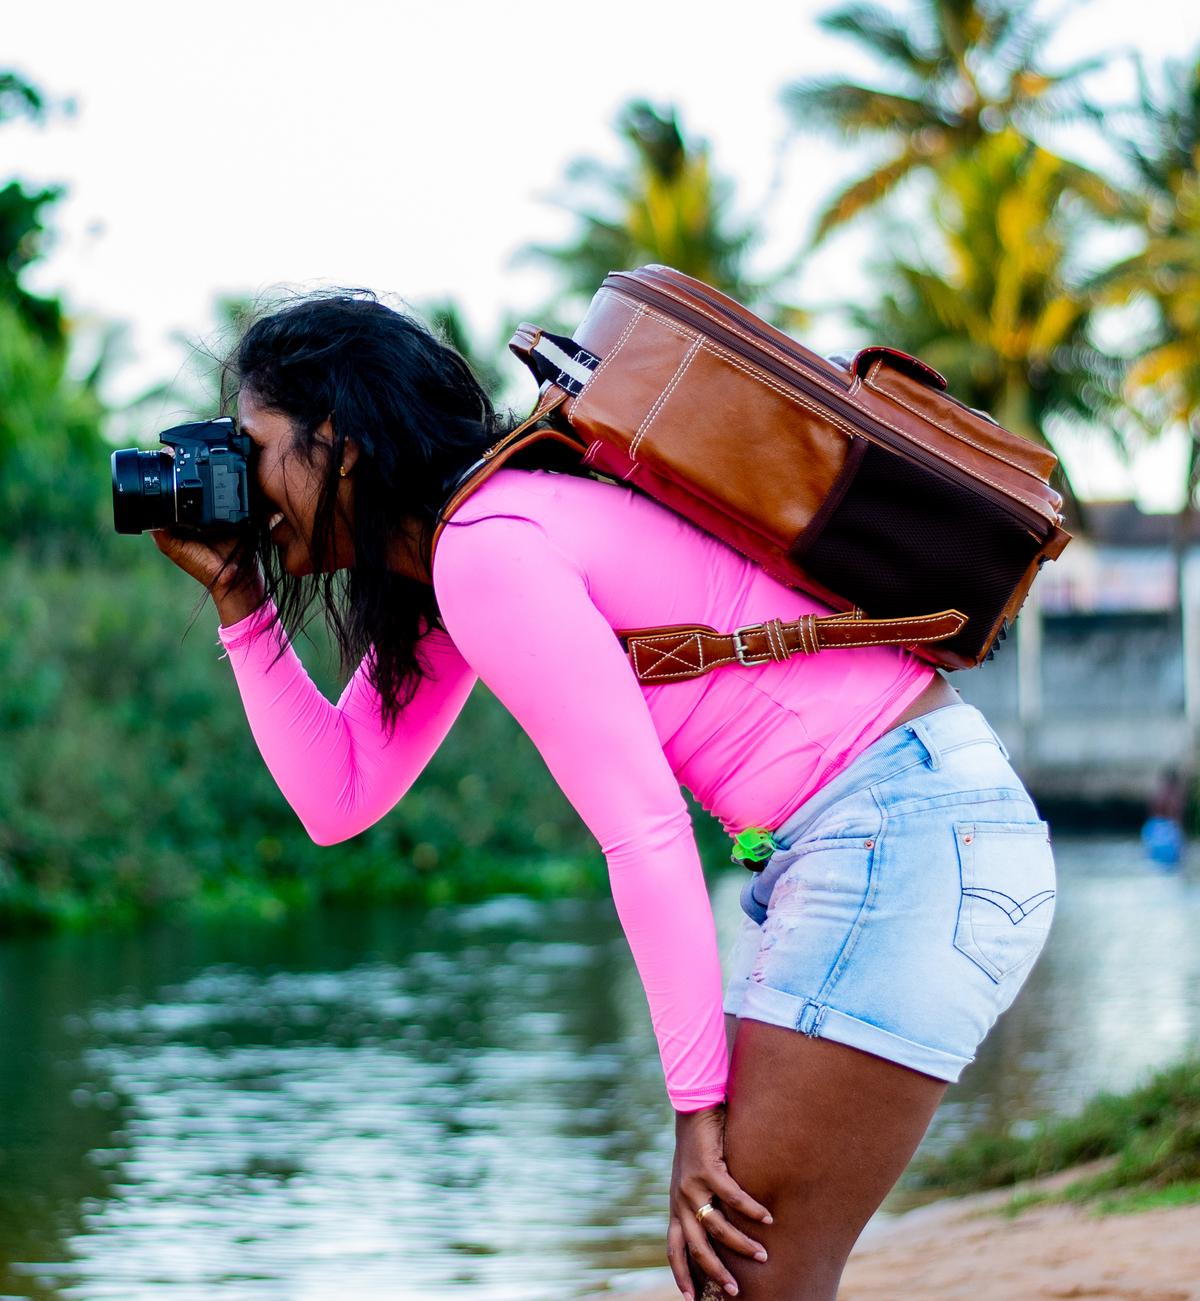 Imagem capa - Heyyy! Eu sou a Dani. Fotógrafa do retratos de afeto, tenho 25 anos, sou cristã, casada, mãe, e muito feliz! por Retratos de Afeto- por Daniela Assis